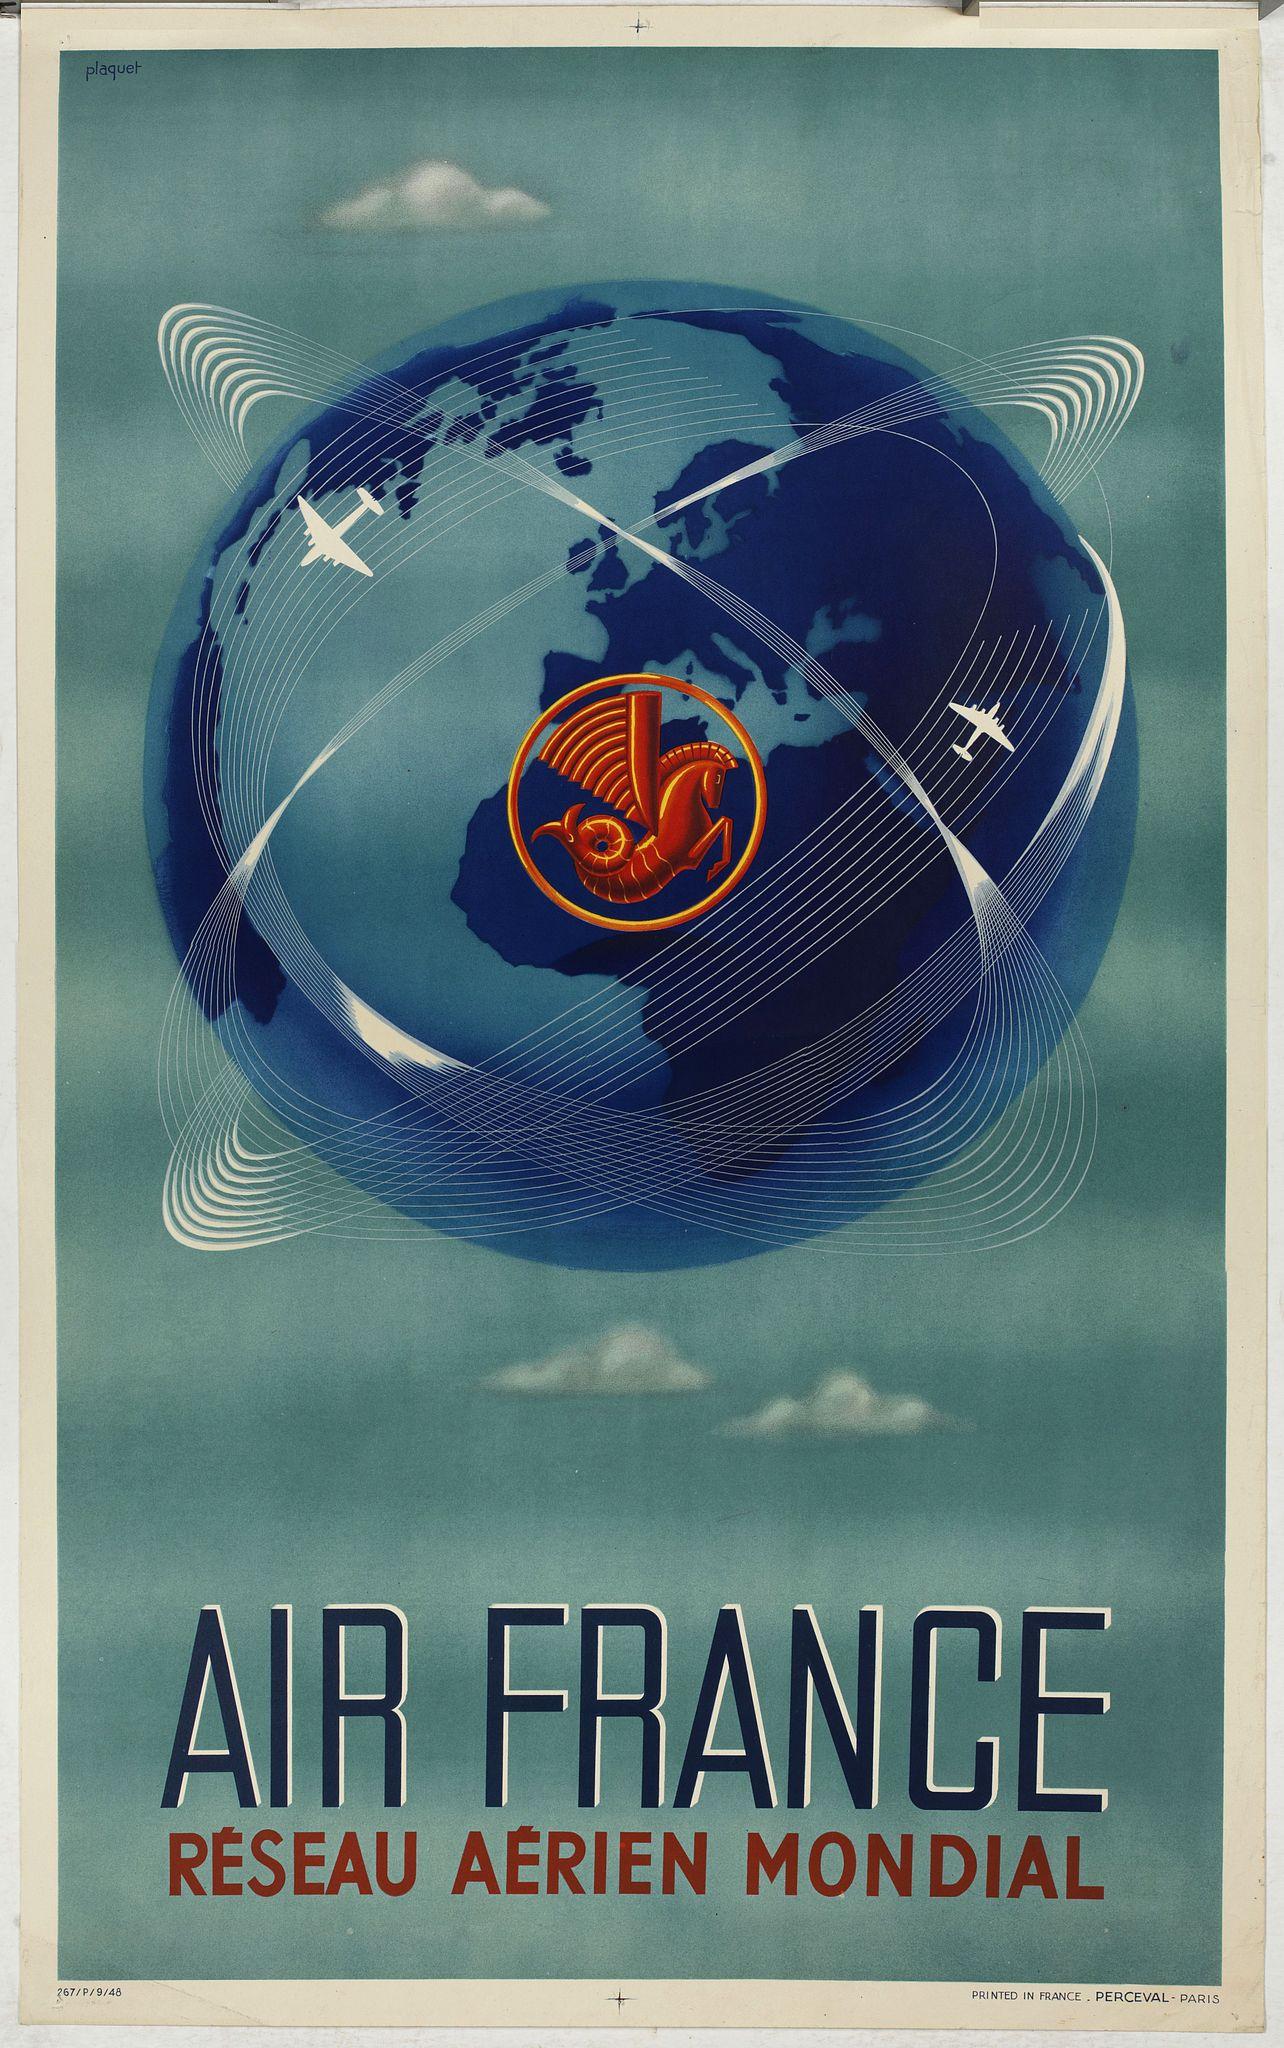 PLAQUET. / AIR FRANCE -  Réseau aérien mondial.